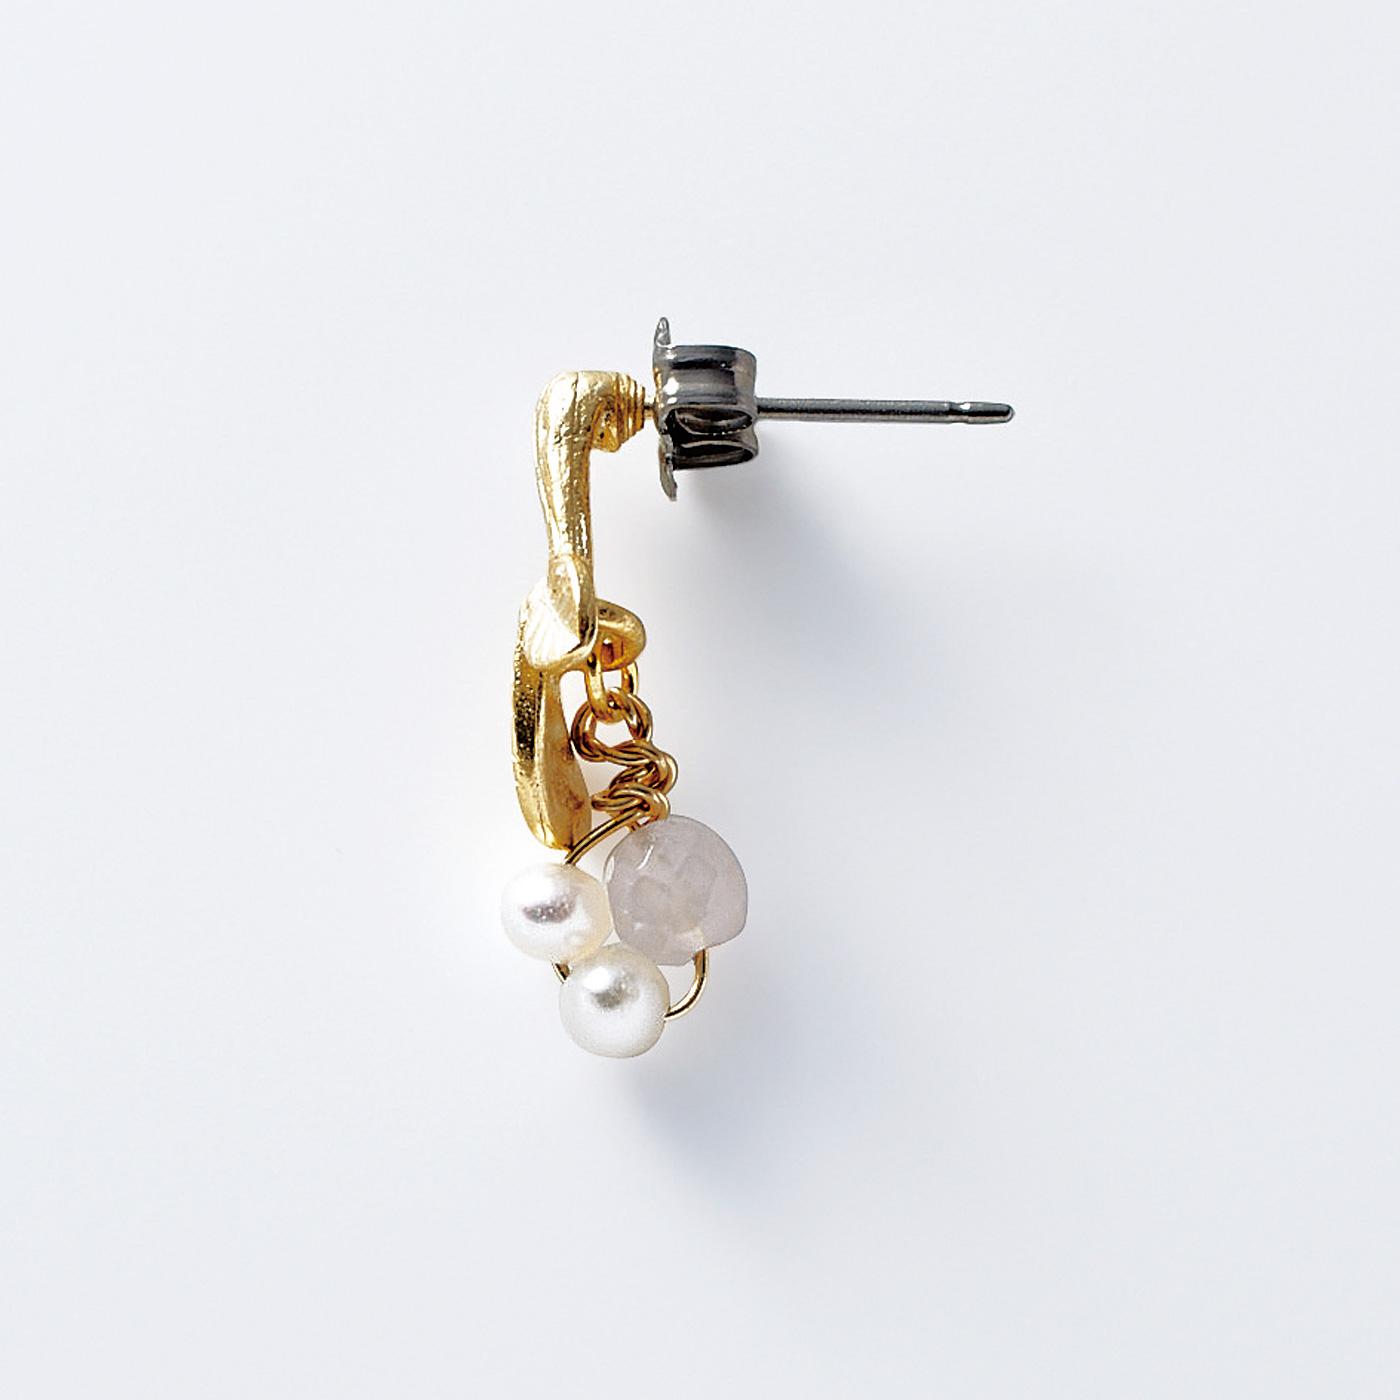 1(ピアス) 金具は肌にやさしいチタン。